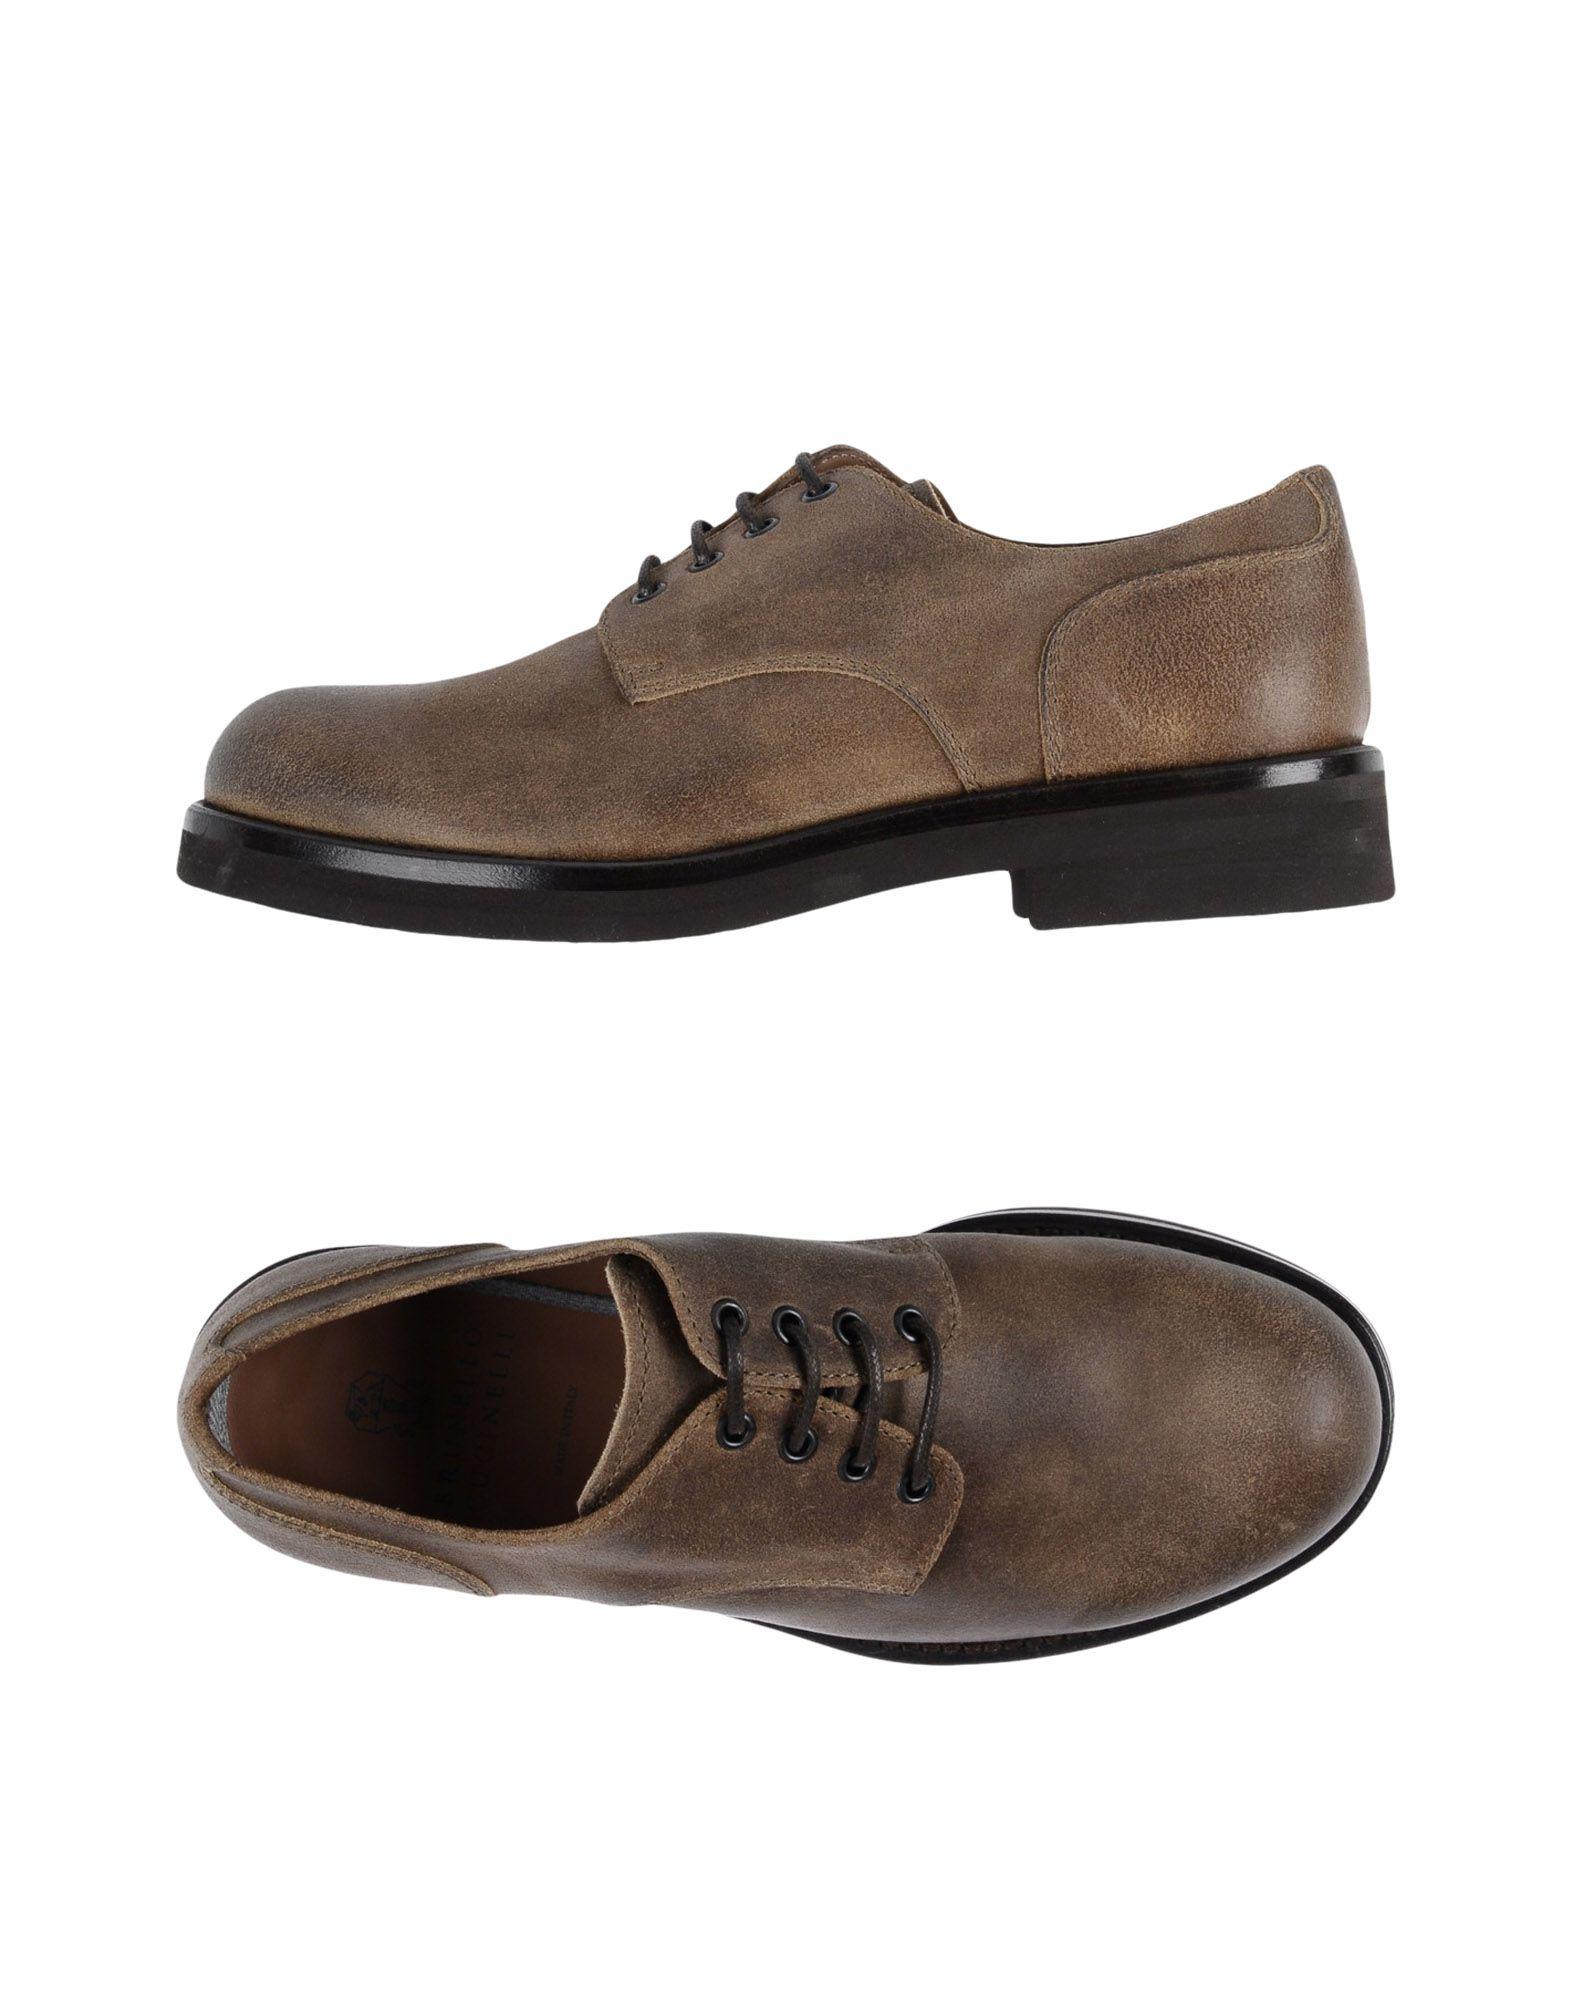 BRUNELLO CUCINELLI Обувь на шнурках первый внутри обувь обувь обувь обувь обувь обувь обувь обувь обувь 8a2549 мужская армия green 40 метров